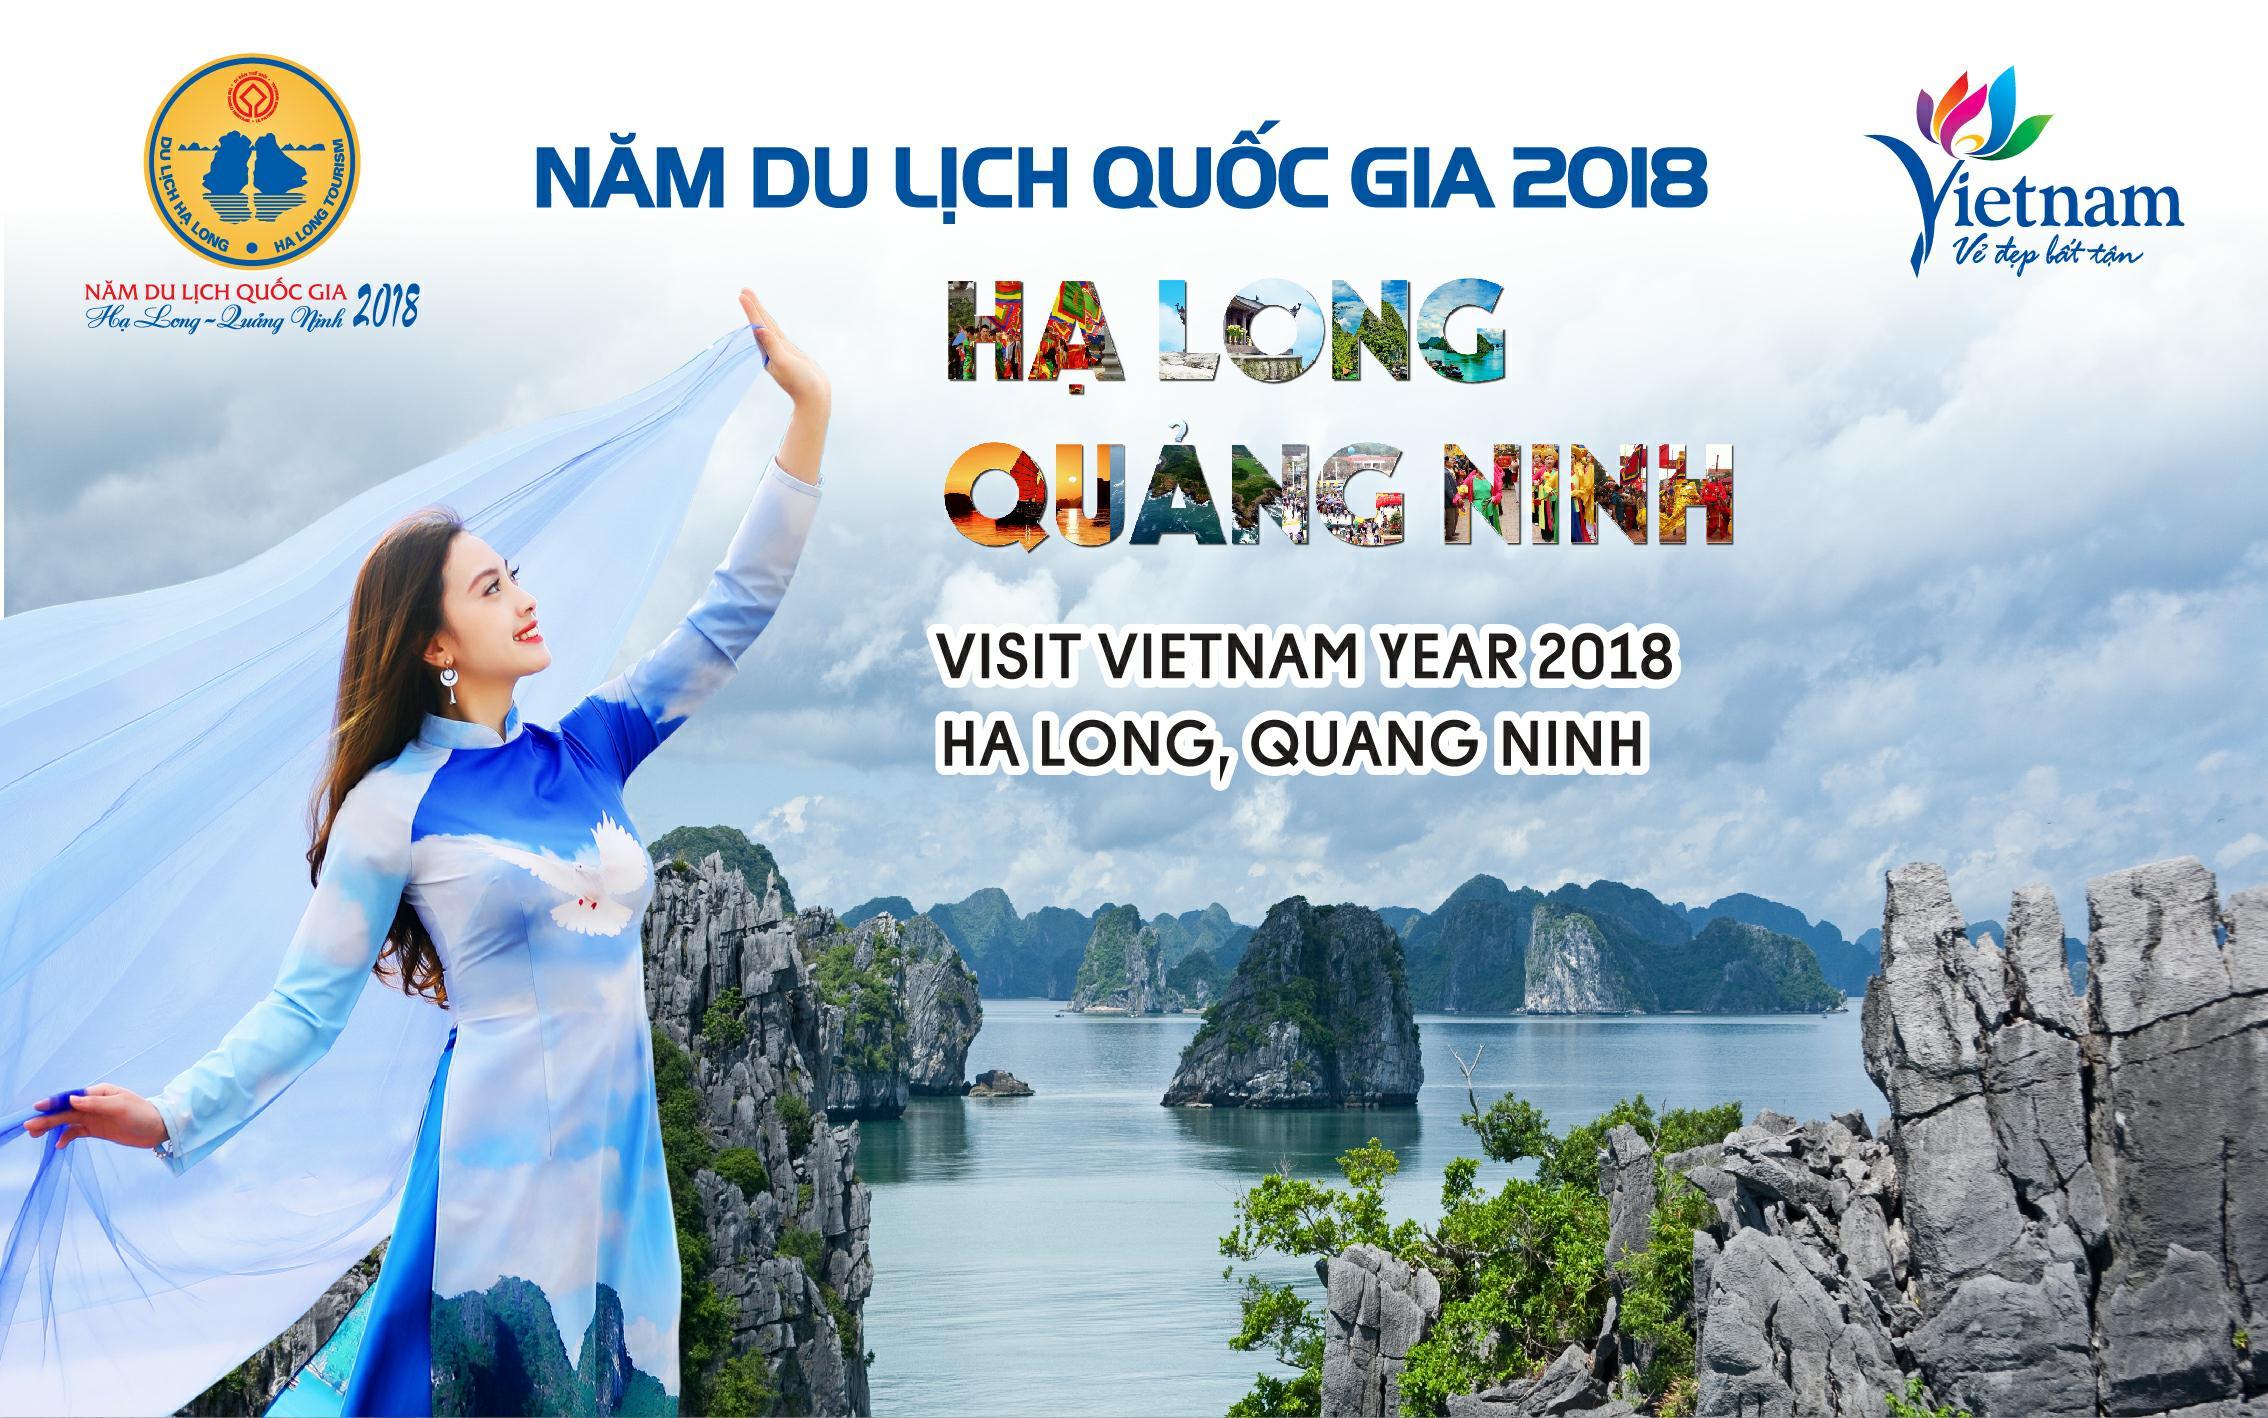 Năm du lịch quốc gia 2018 Hạ Long - Quảng Ninh